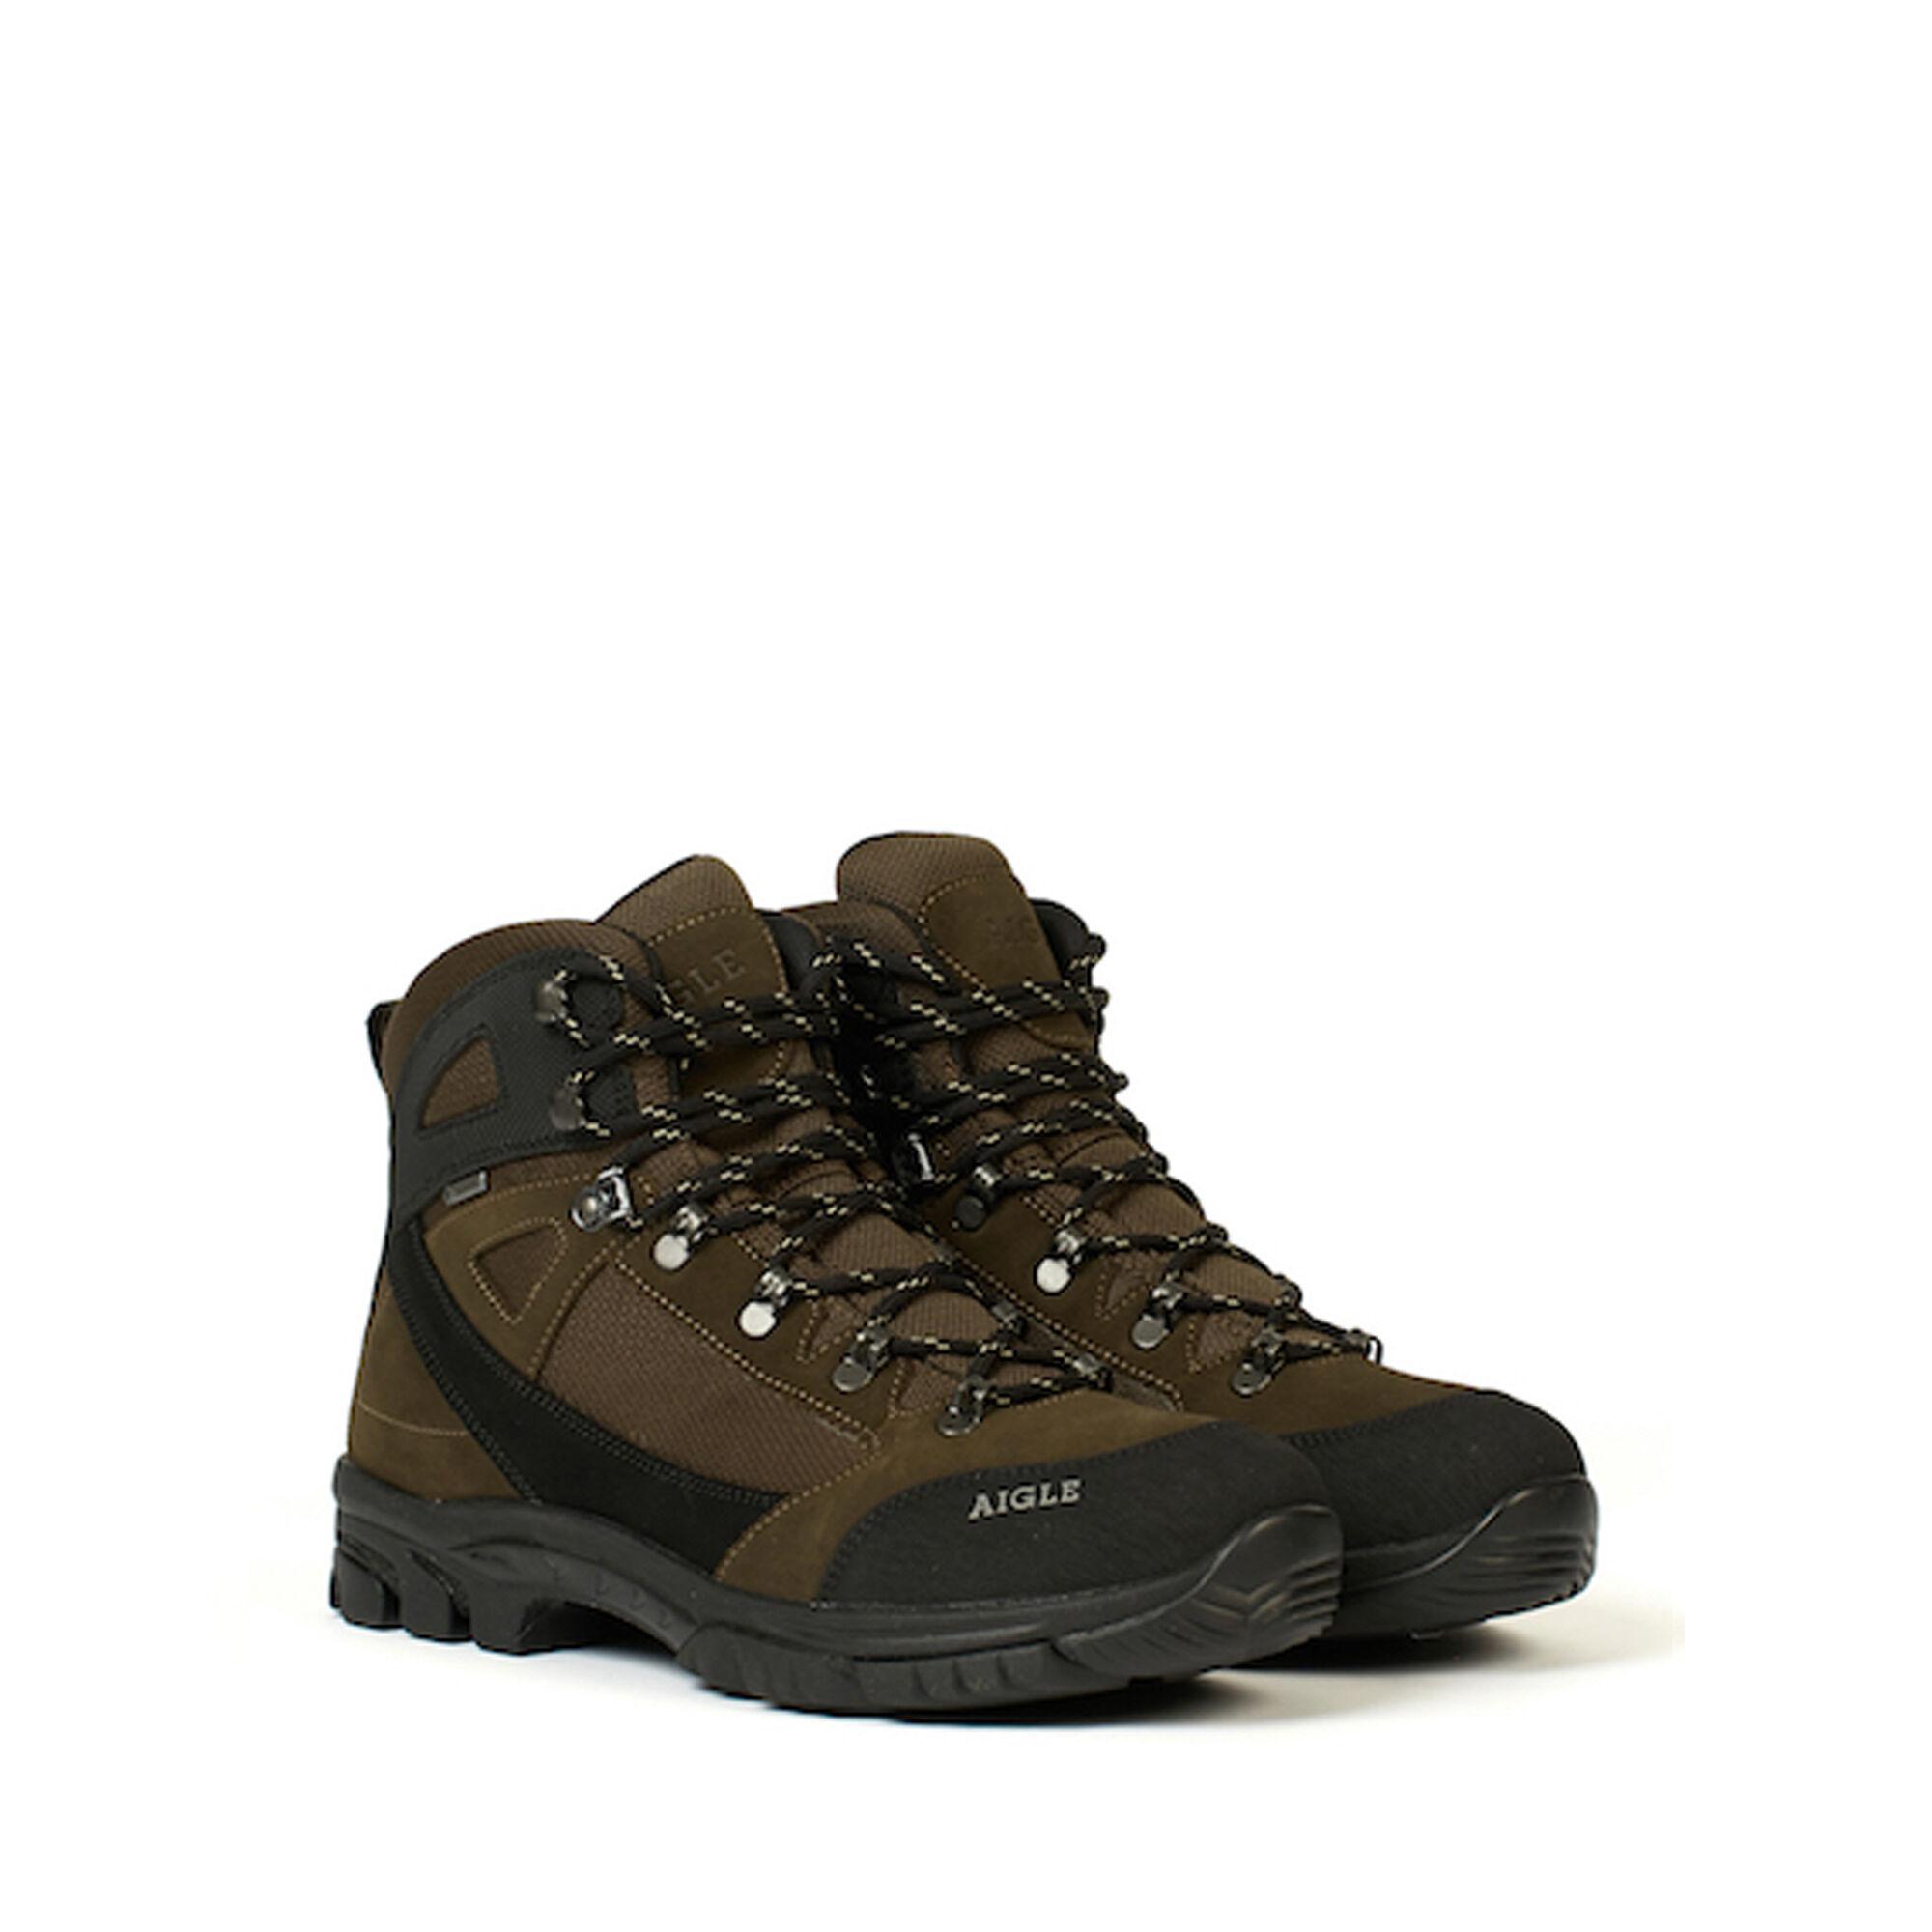 Homme F1zfqrw Aigle Gore Chaussures Tex® qxRUZgwznt